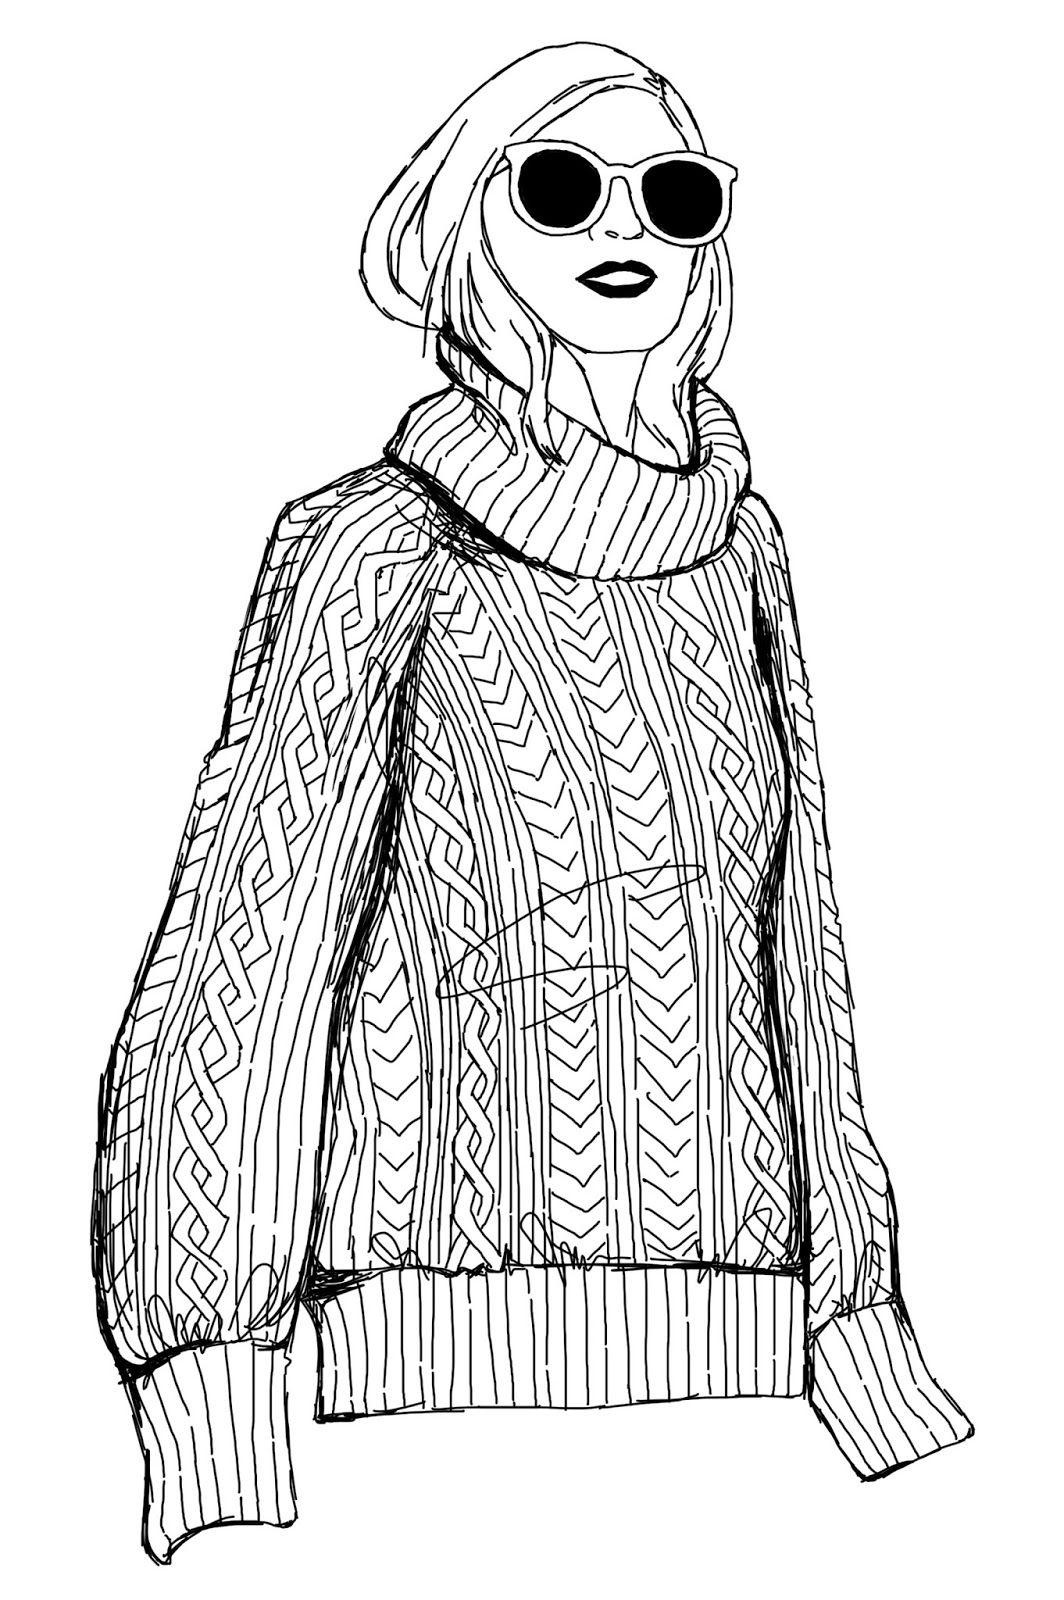 Fisherman Sweater sketch by Emilee Anne